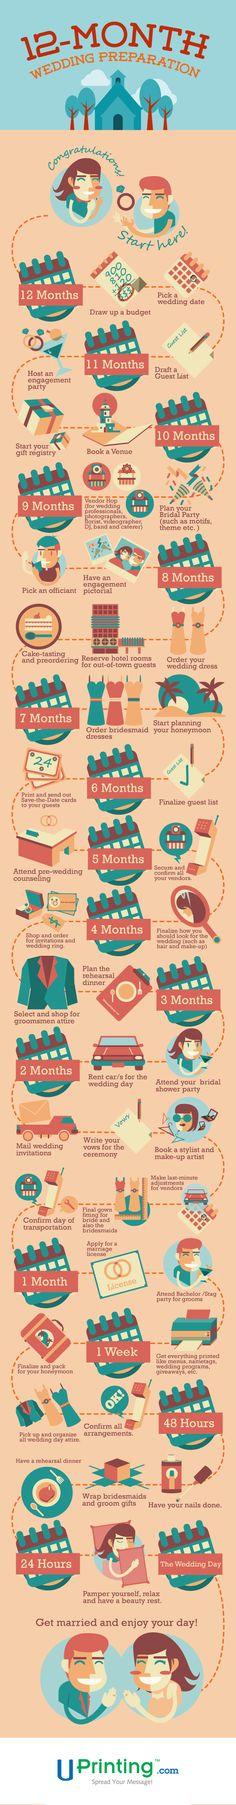 12-month-wedding-planning1